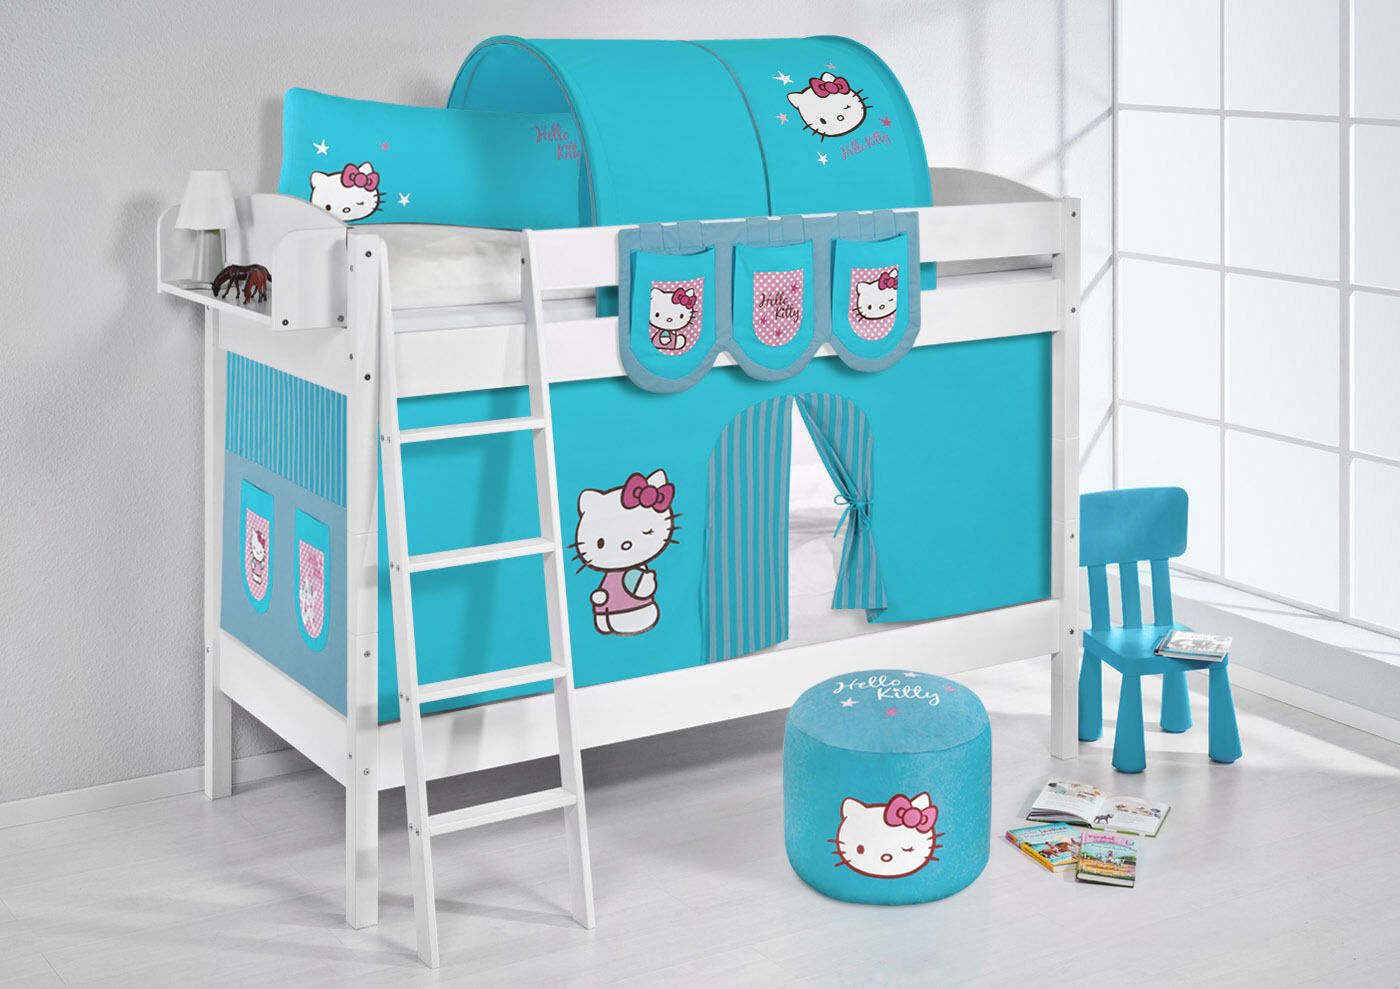 Lit Superposé Haut Lit Ida divisible 4105 NOUVEAU LILOKIDS Hello Kitty Turquoise